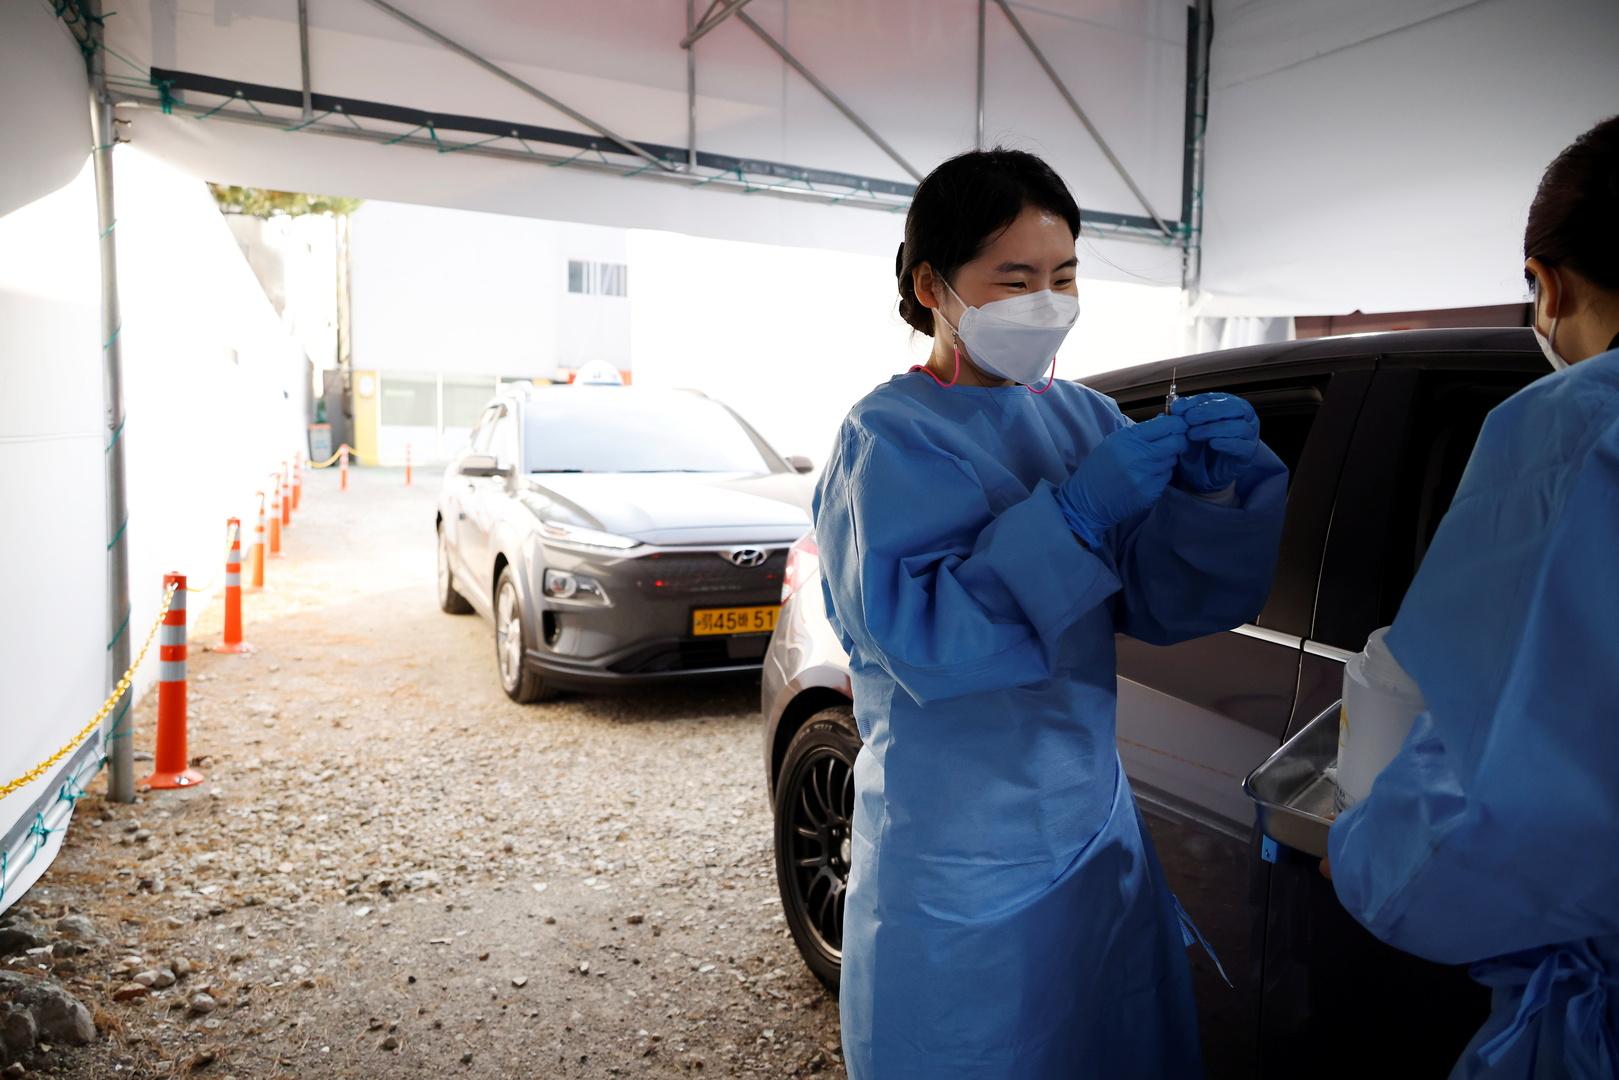 كوريا الجنوبية قلقة من زيادة انتشار كورونا بسبب